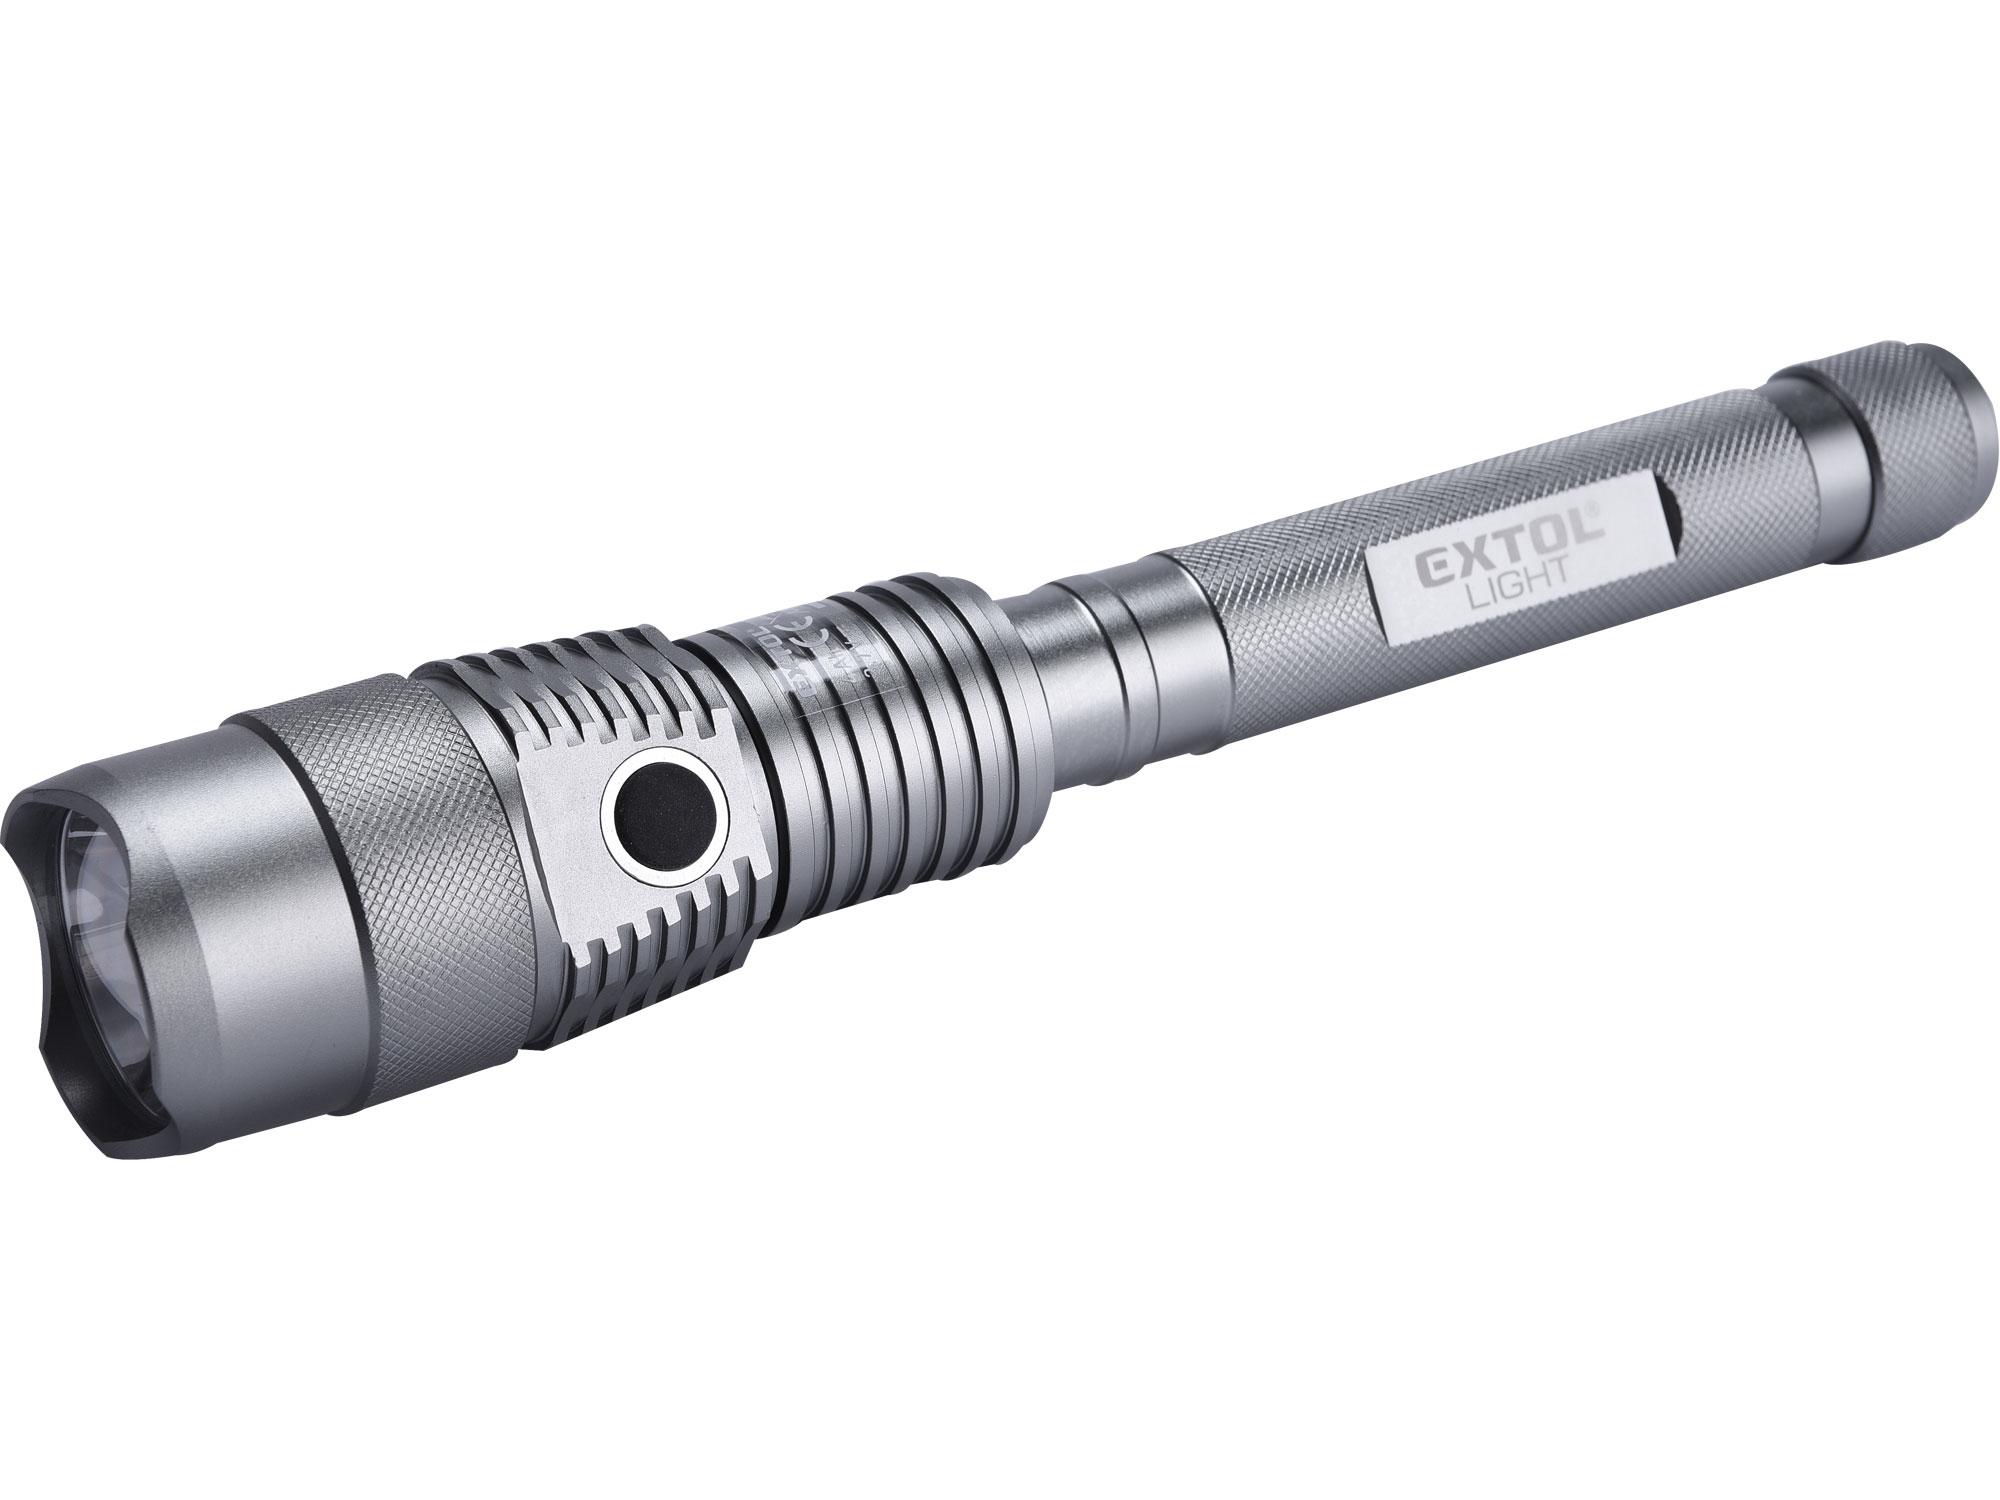 svítilna 800lm CREE, USB nabíjení s powerbankou, CREE T6 LED